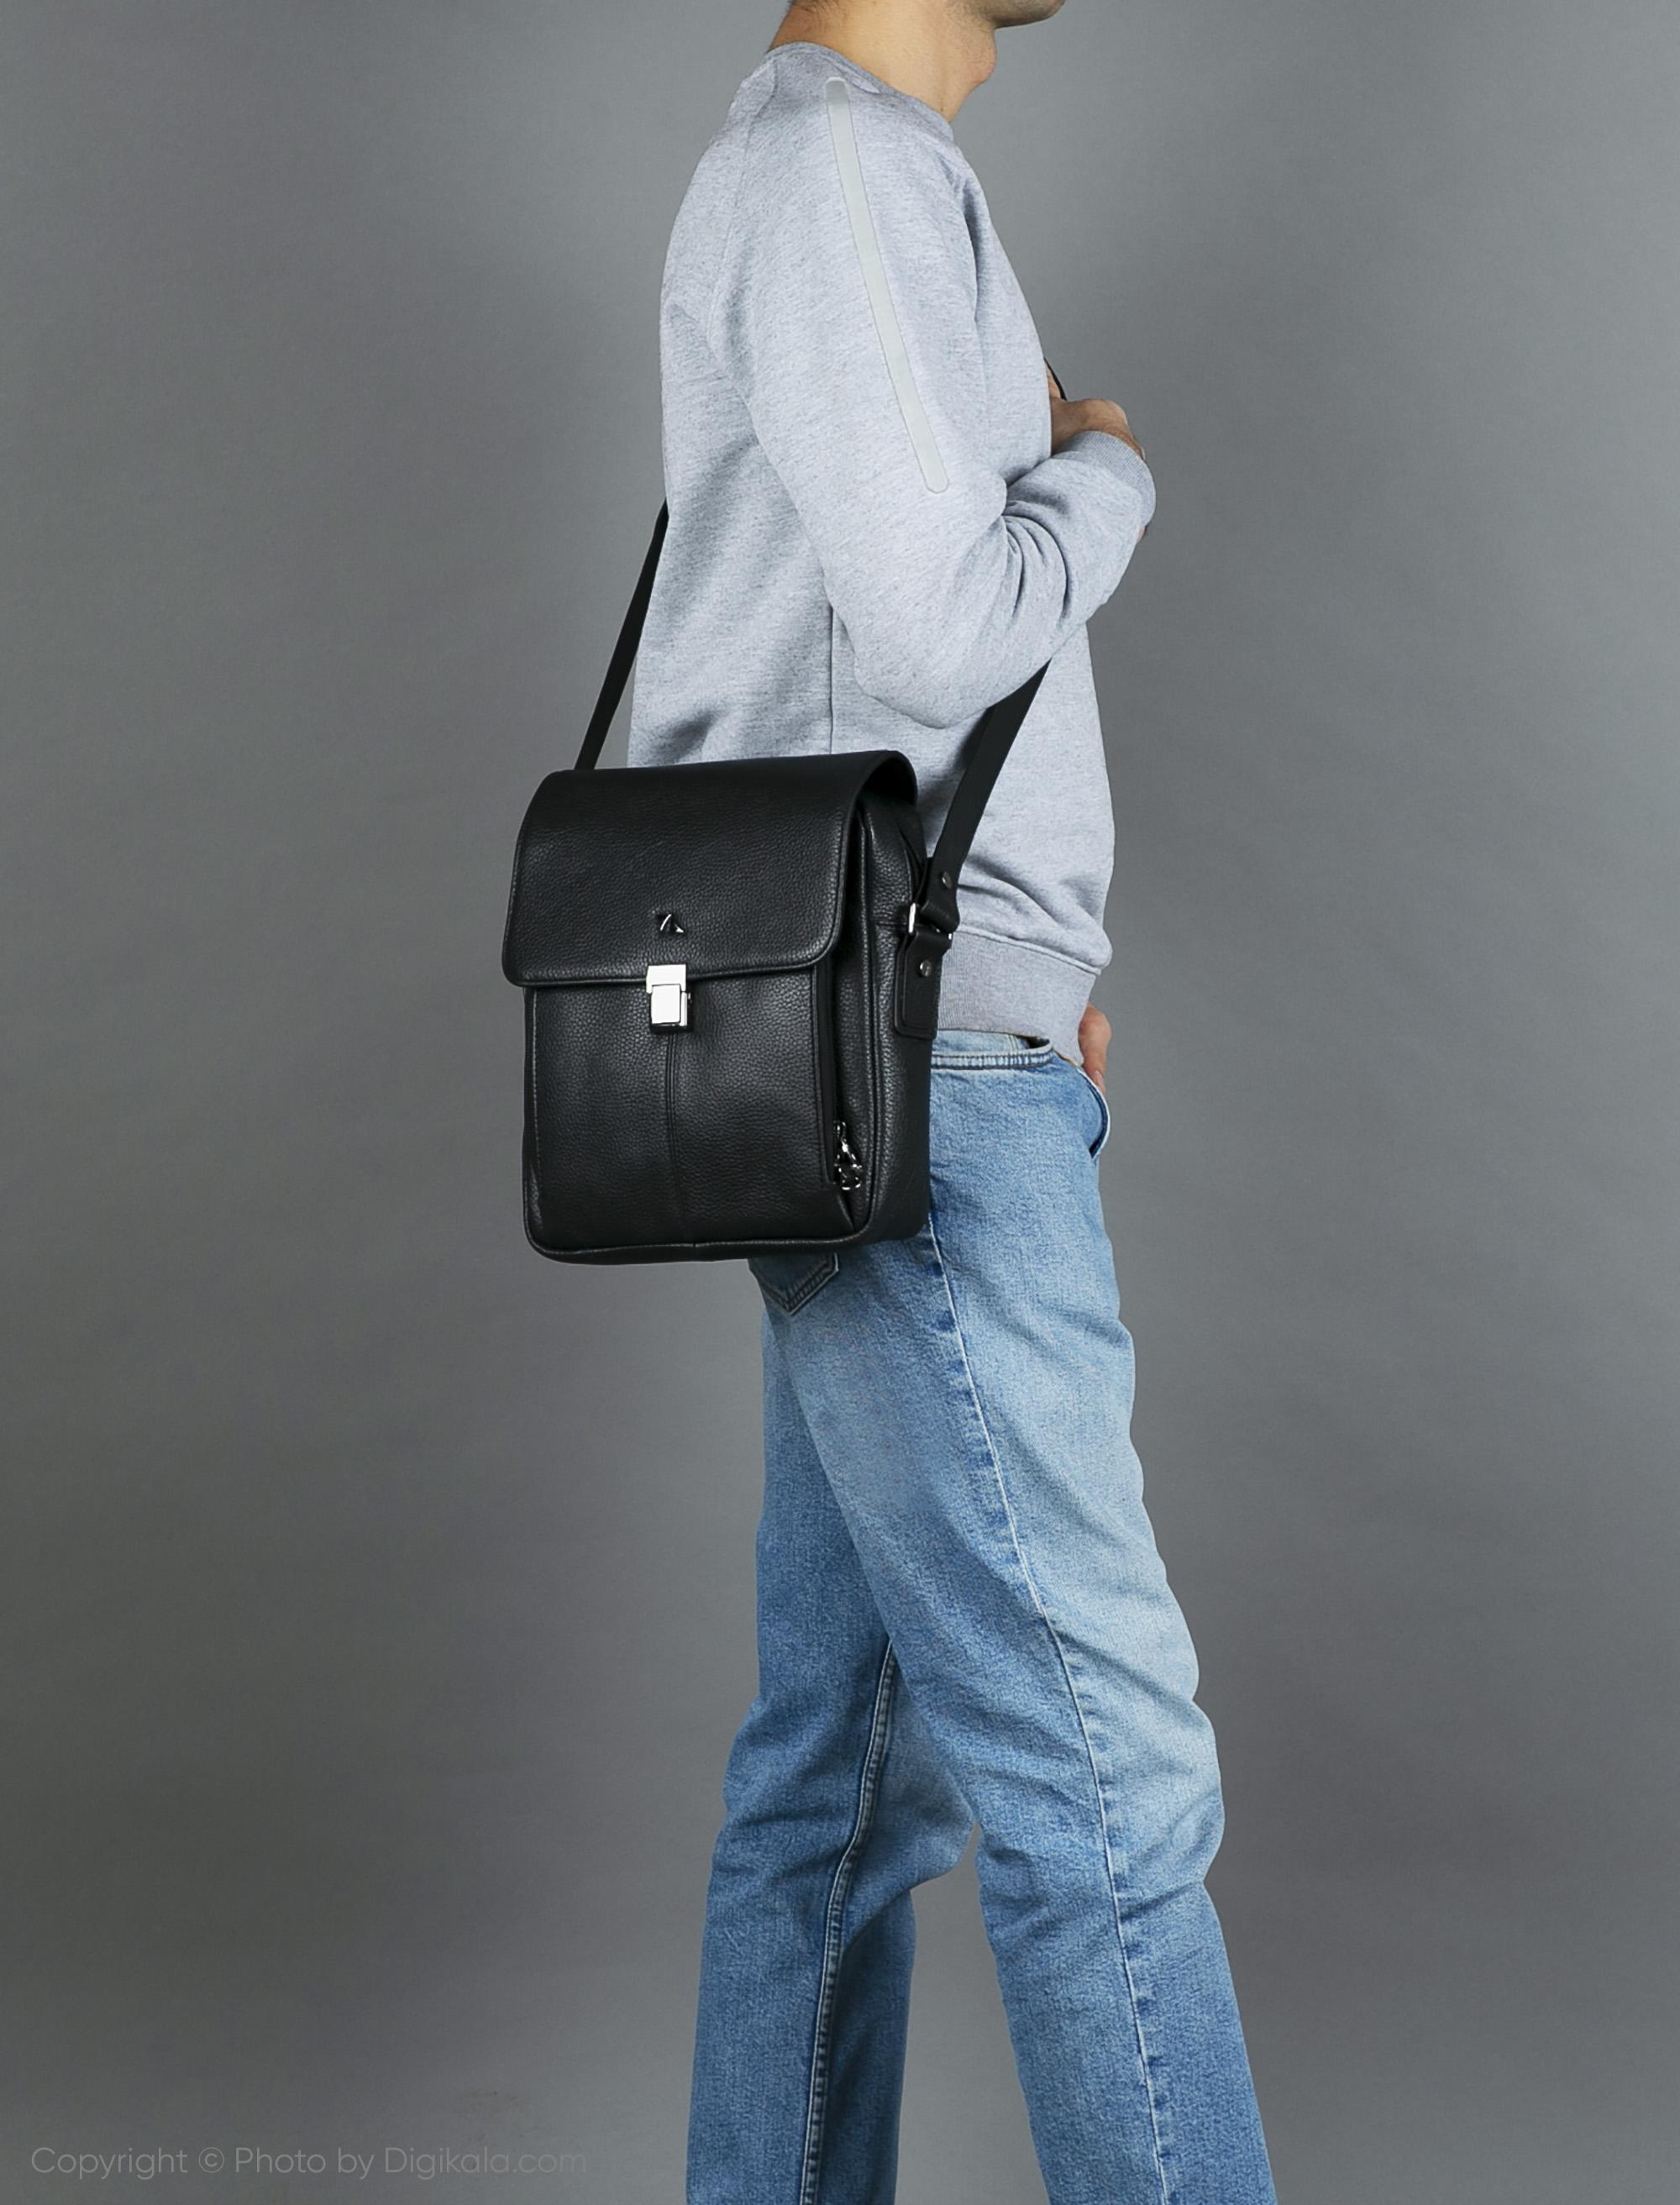 کیف رودوشی مردانه چرم مشهد مدل X117